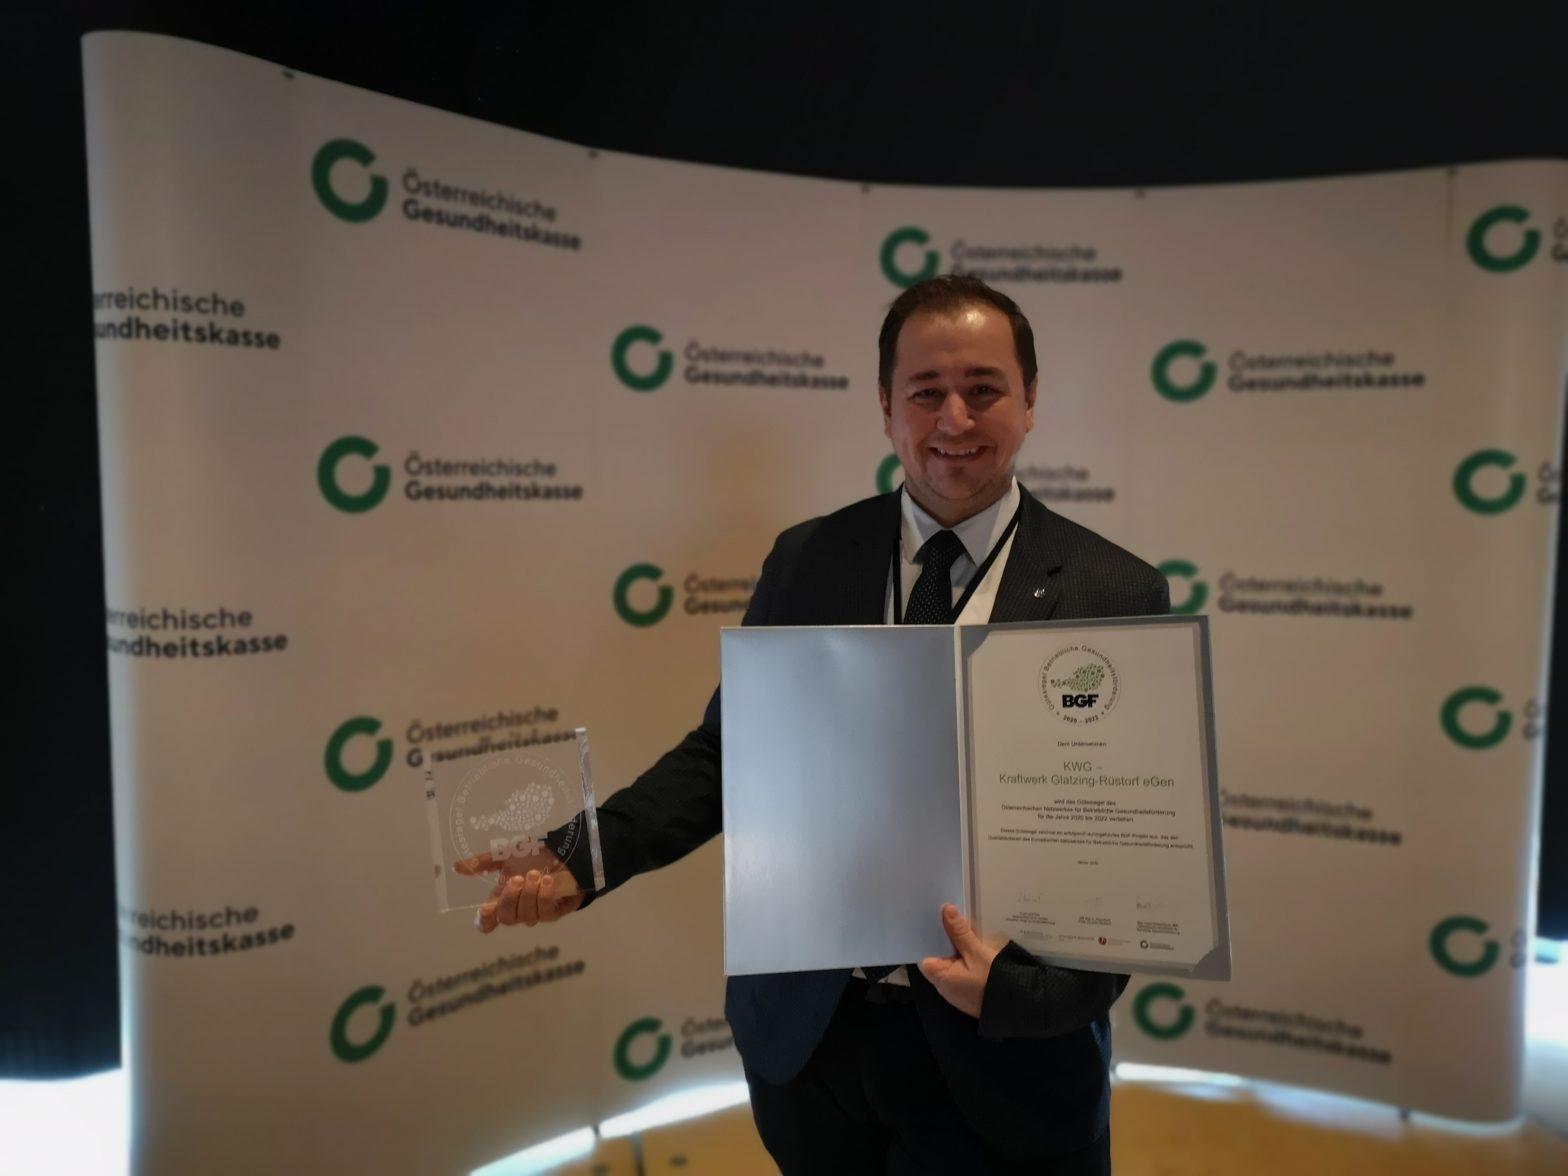 Auszeichnung mit BGF Gütesiegel